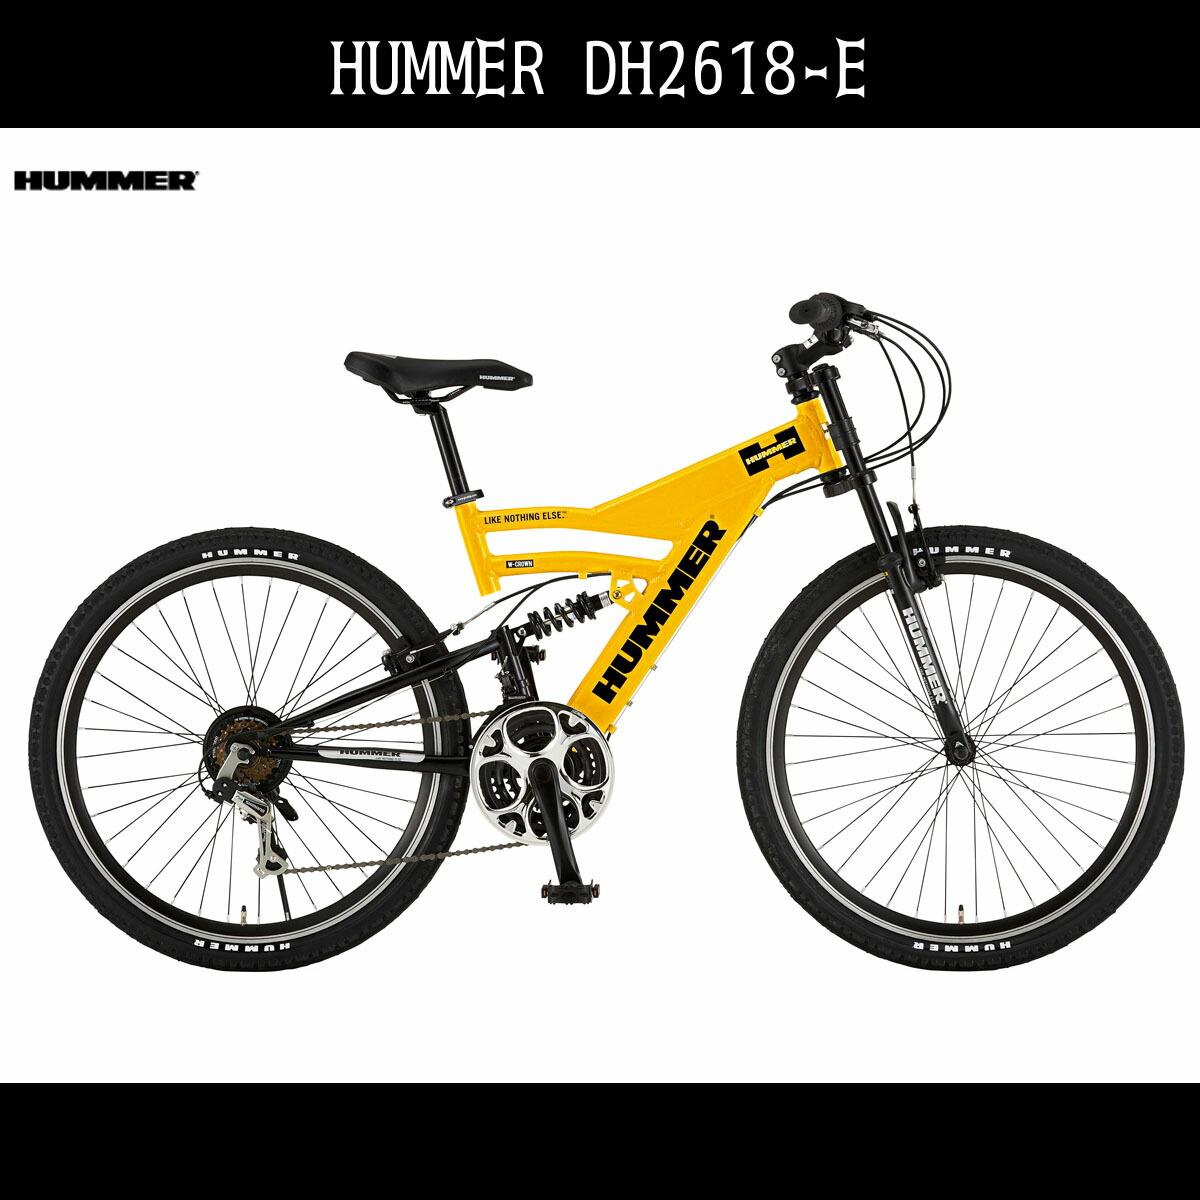 マウンテンバイク ハマー HUMMER 自転車 イエロー黄色26インチ マウンテンバイク ハマー 外装18段変速ギア アルミ MTB DH2618-E アルミニウム 激安 格安